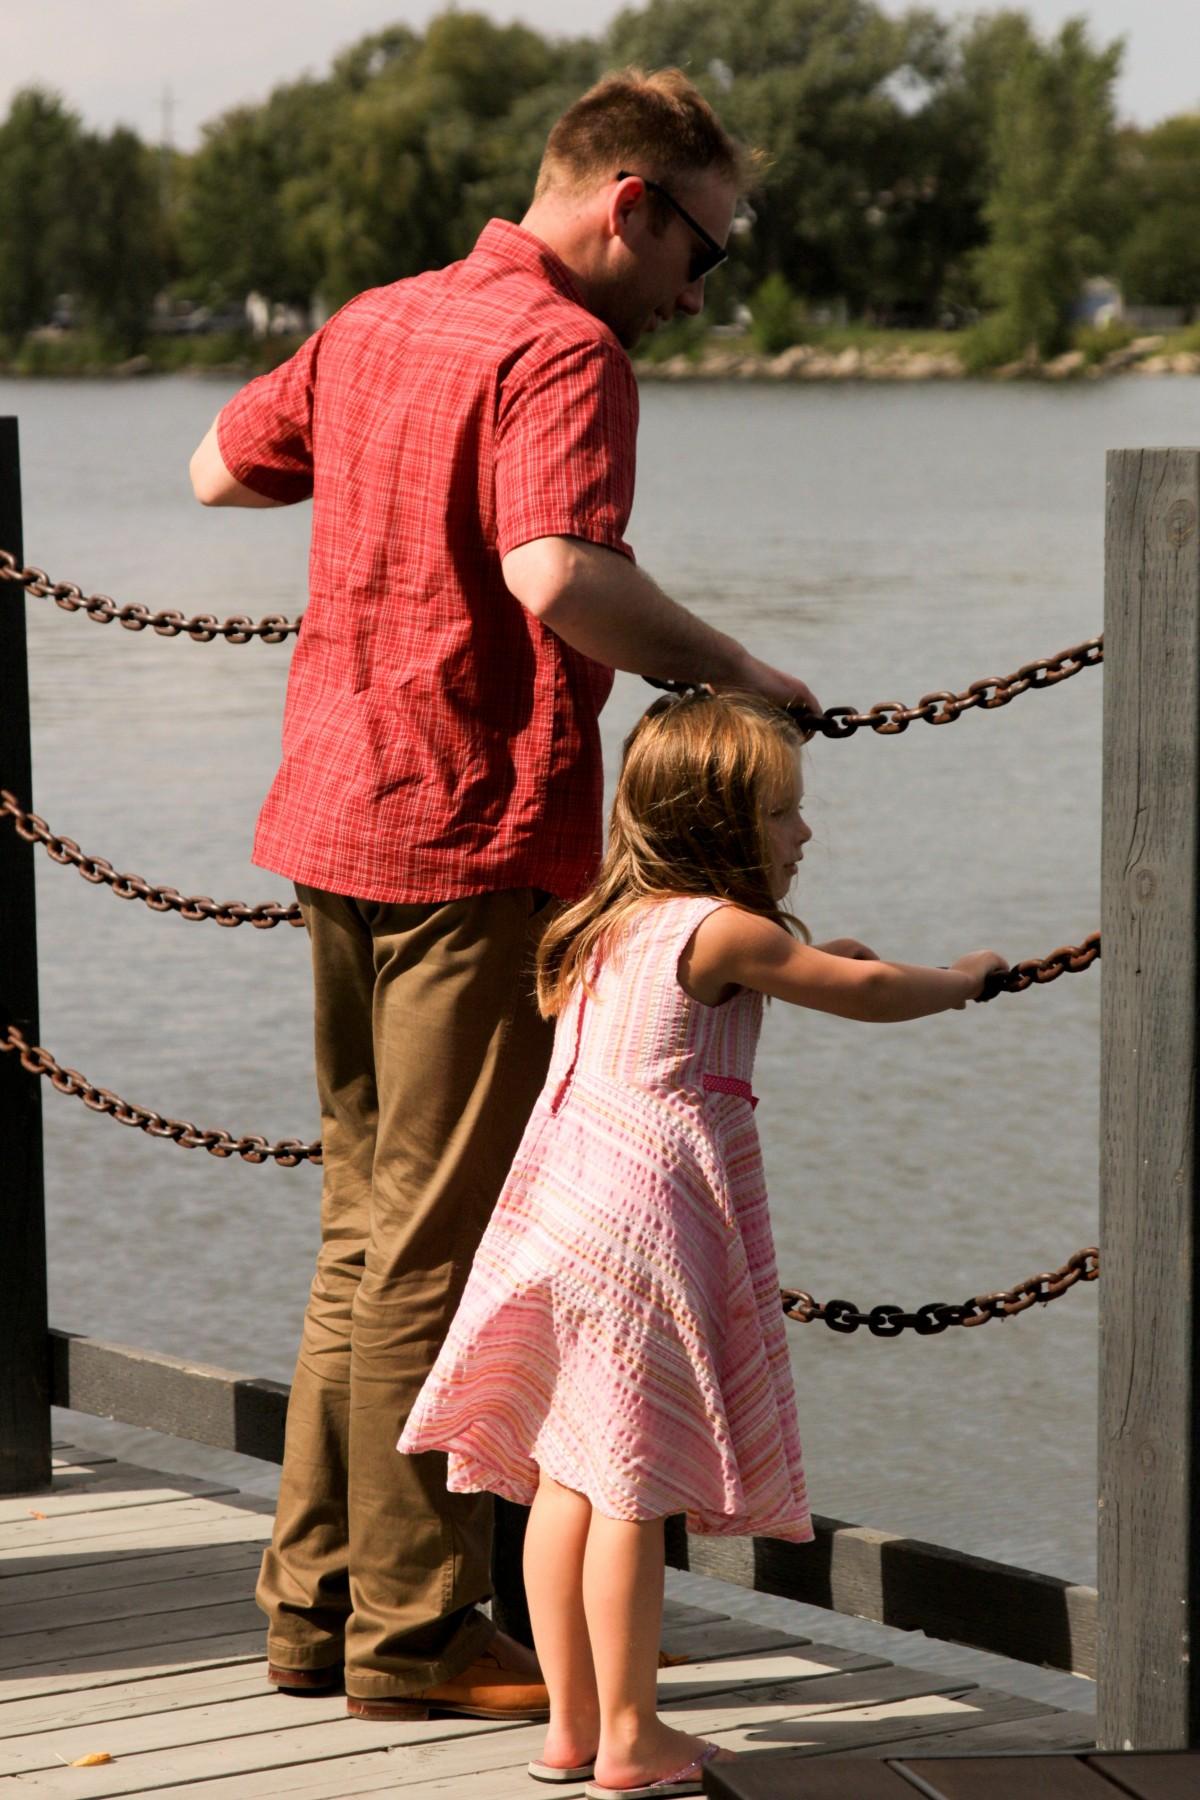 Hình ảnh cha và con gái đang cùng xem cái gì đó